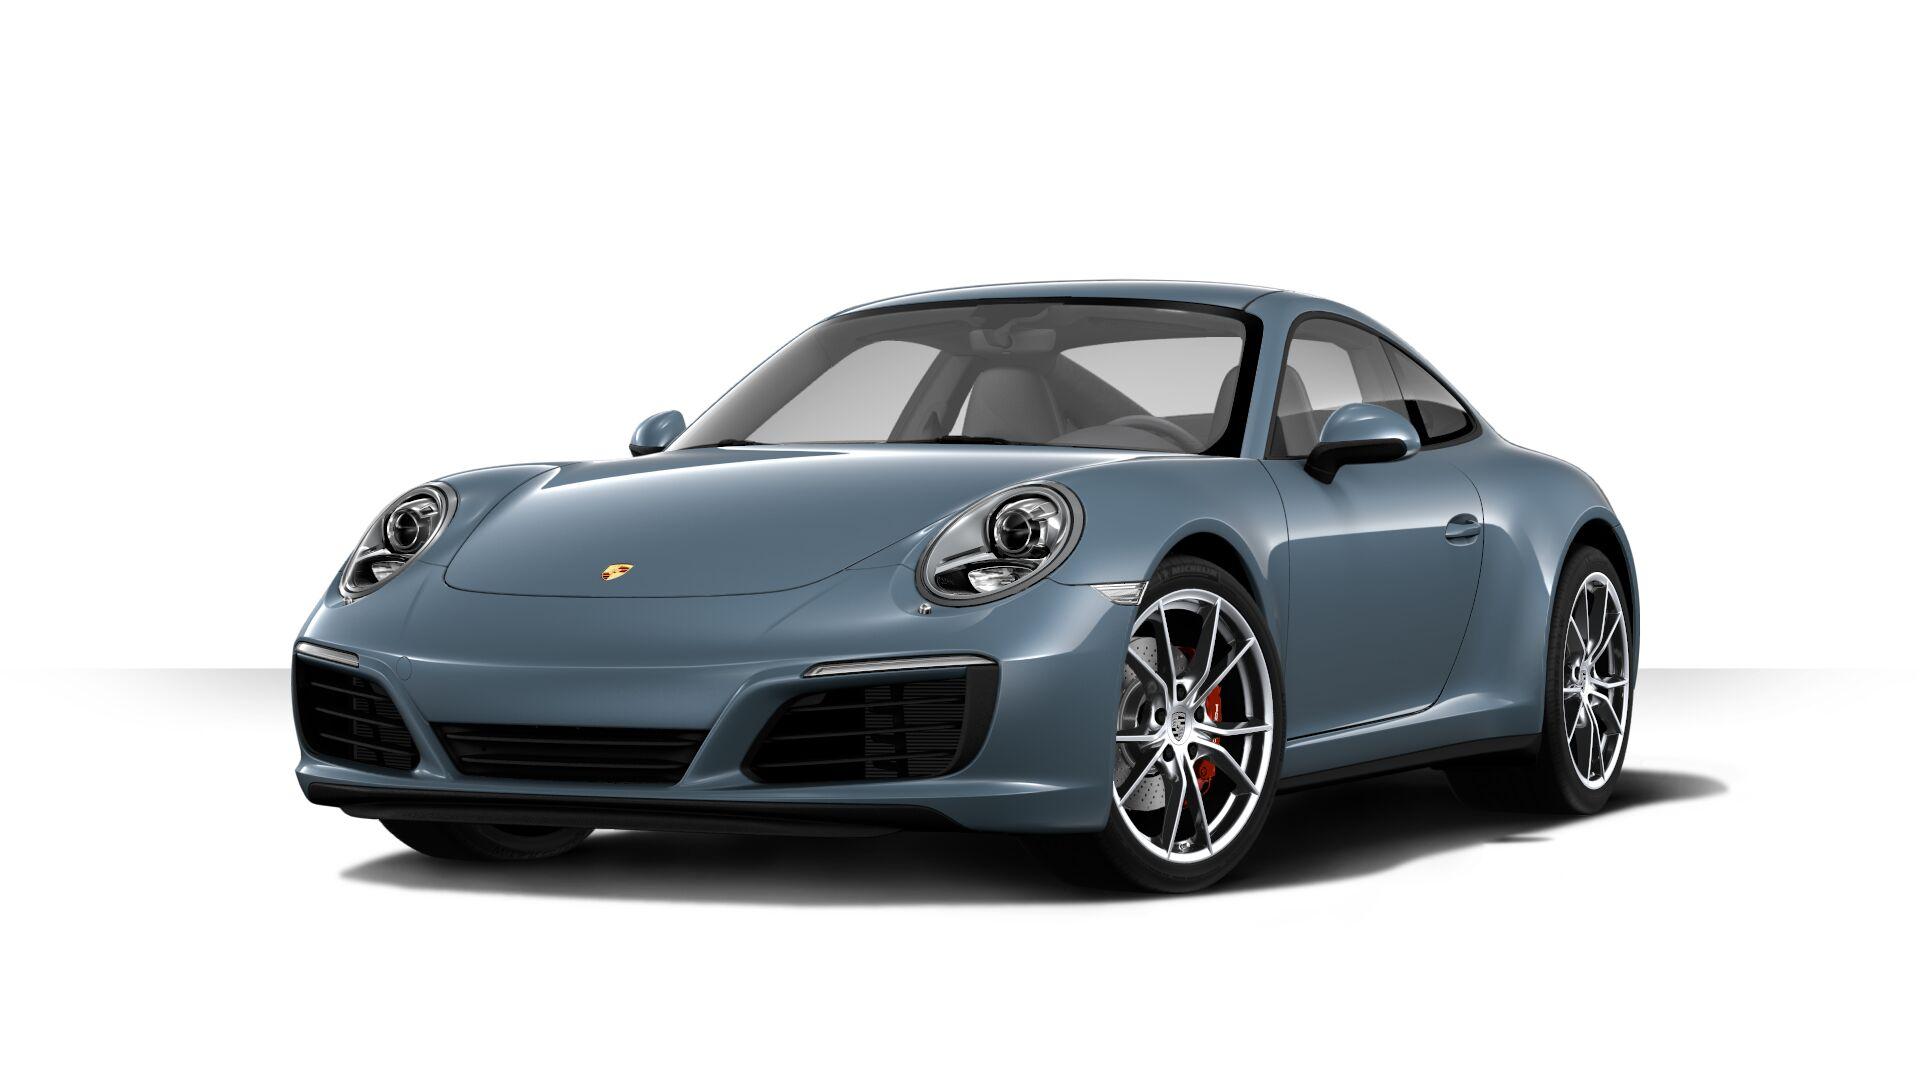 2017 Porsche 911 Carrera 4S for sale near Los Angeles